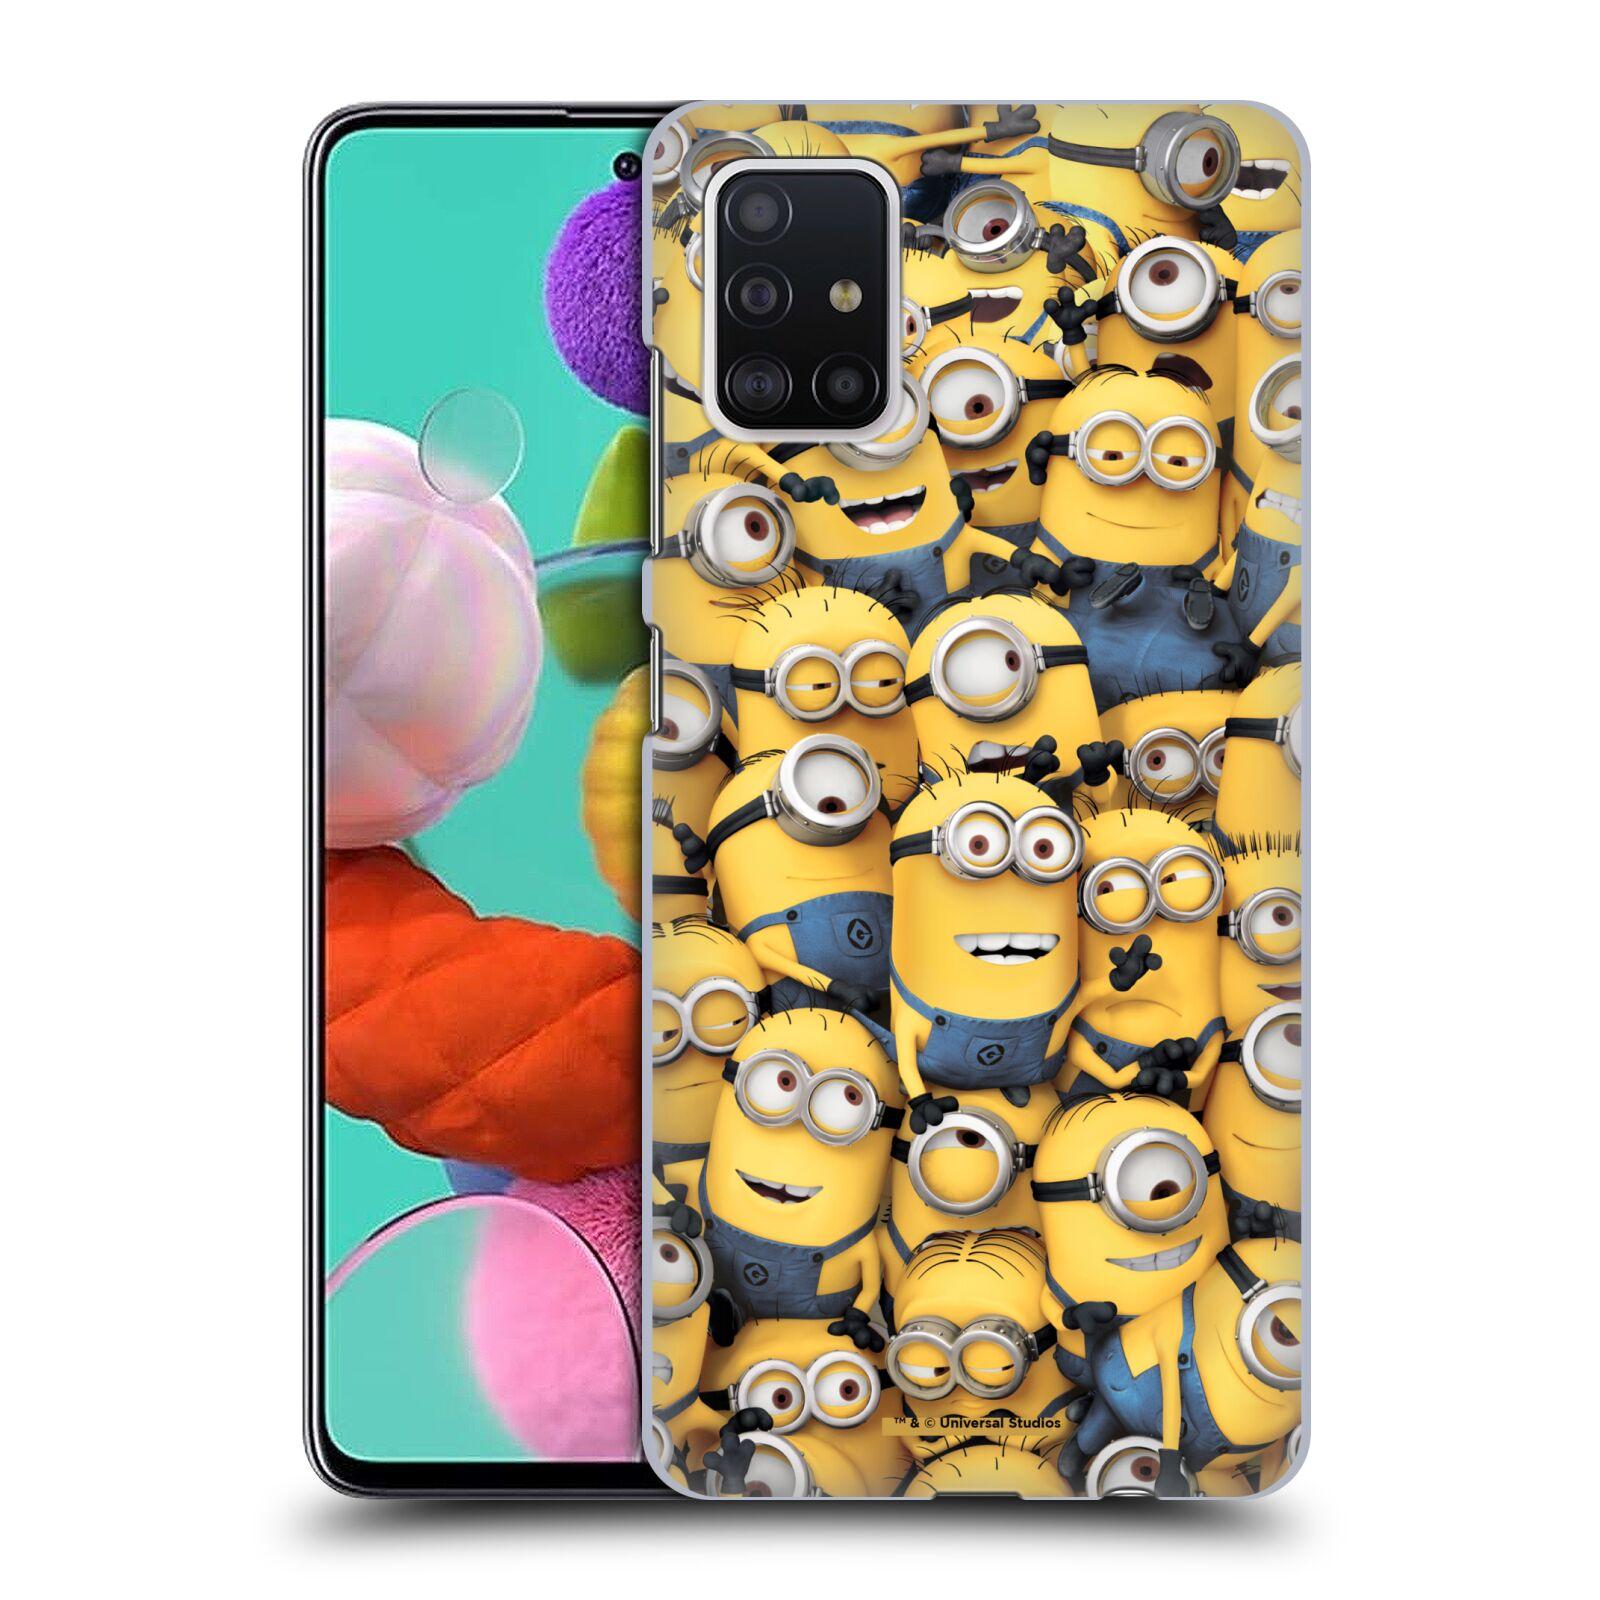 Plastové pouzdro na mobil Samsung Galaxy A51 - Head Case - Mimoni všude z filmu Já, padouch - Despicable Me